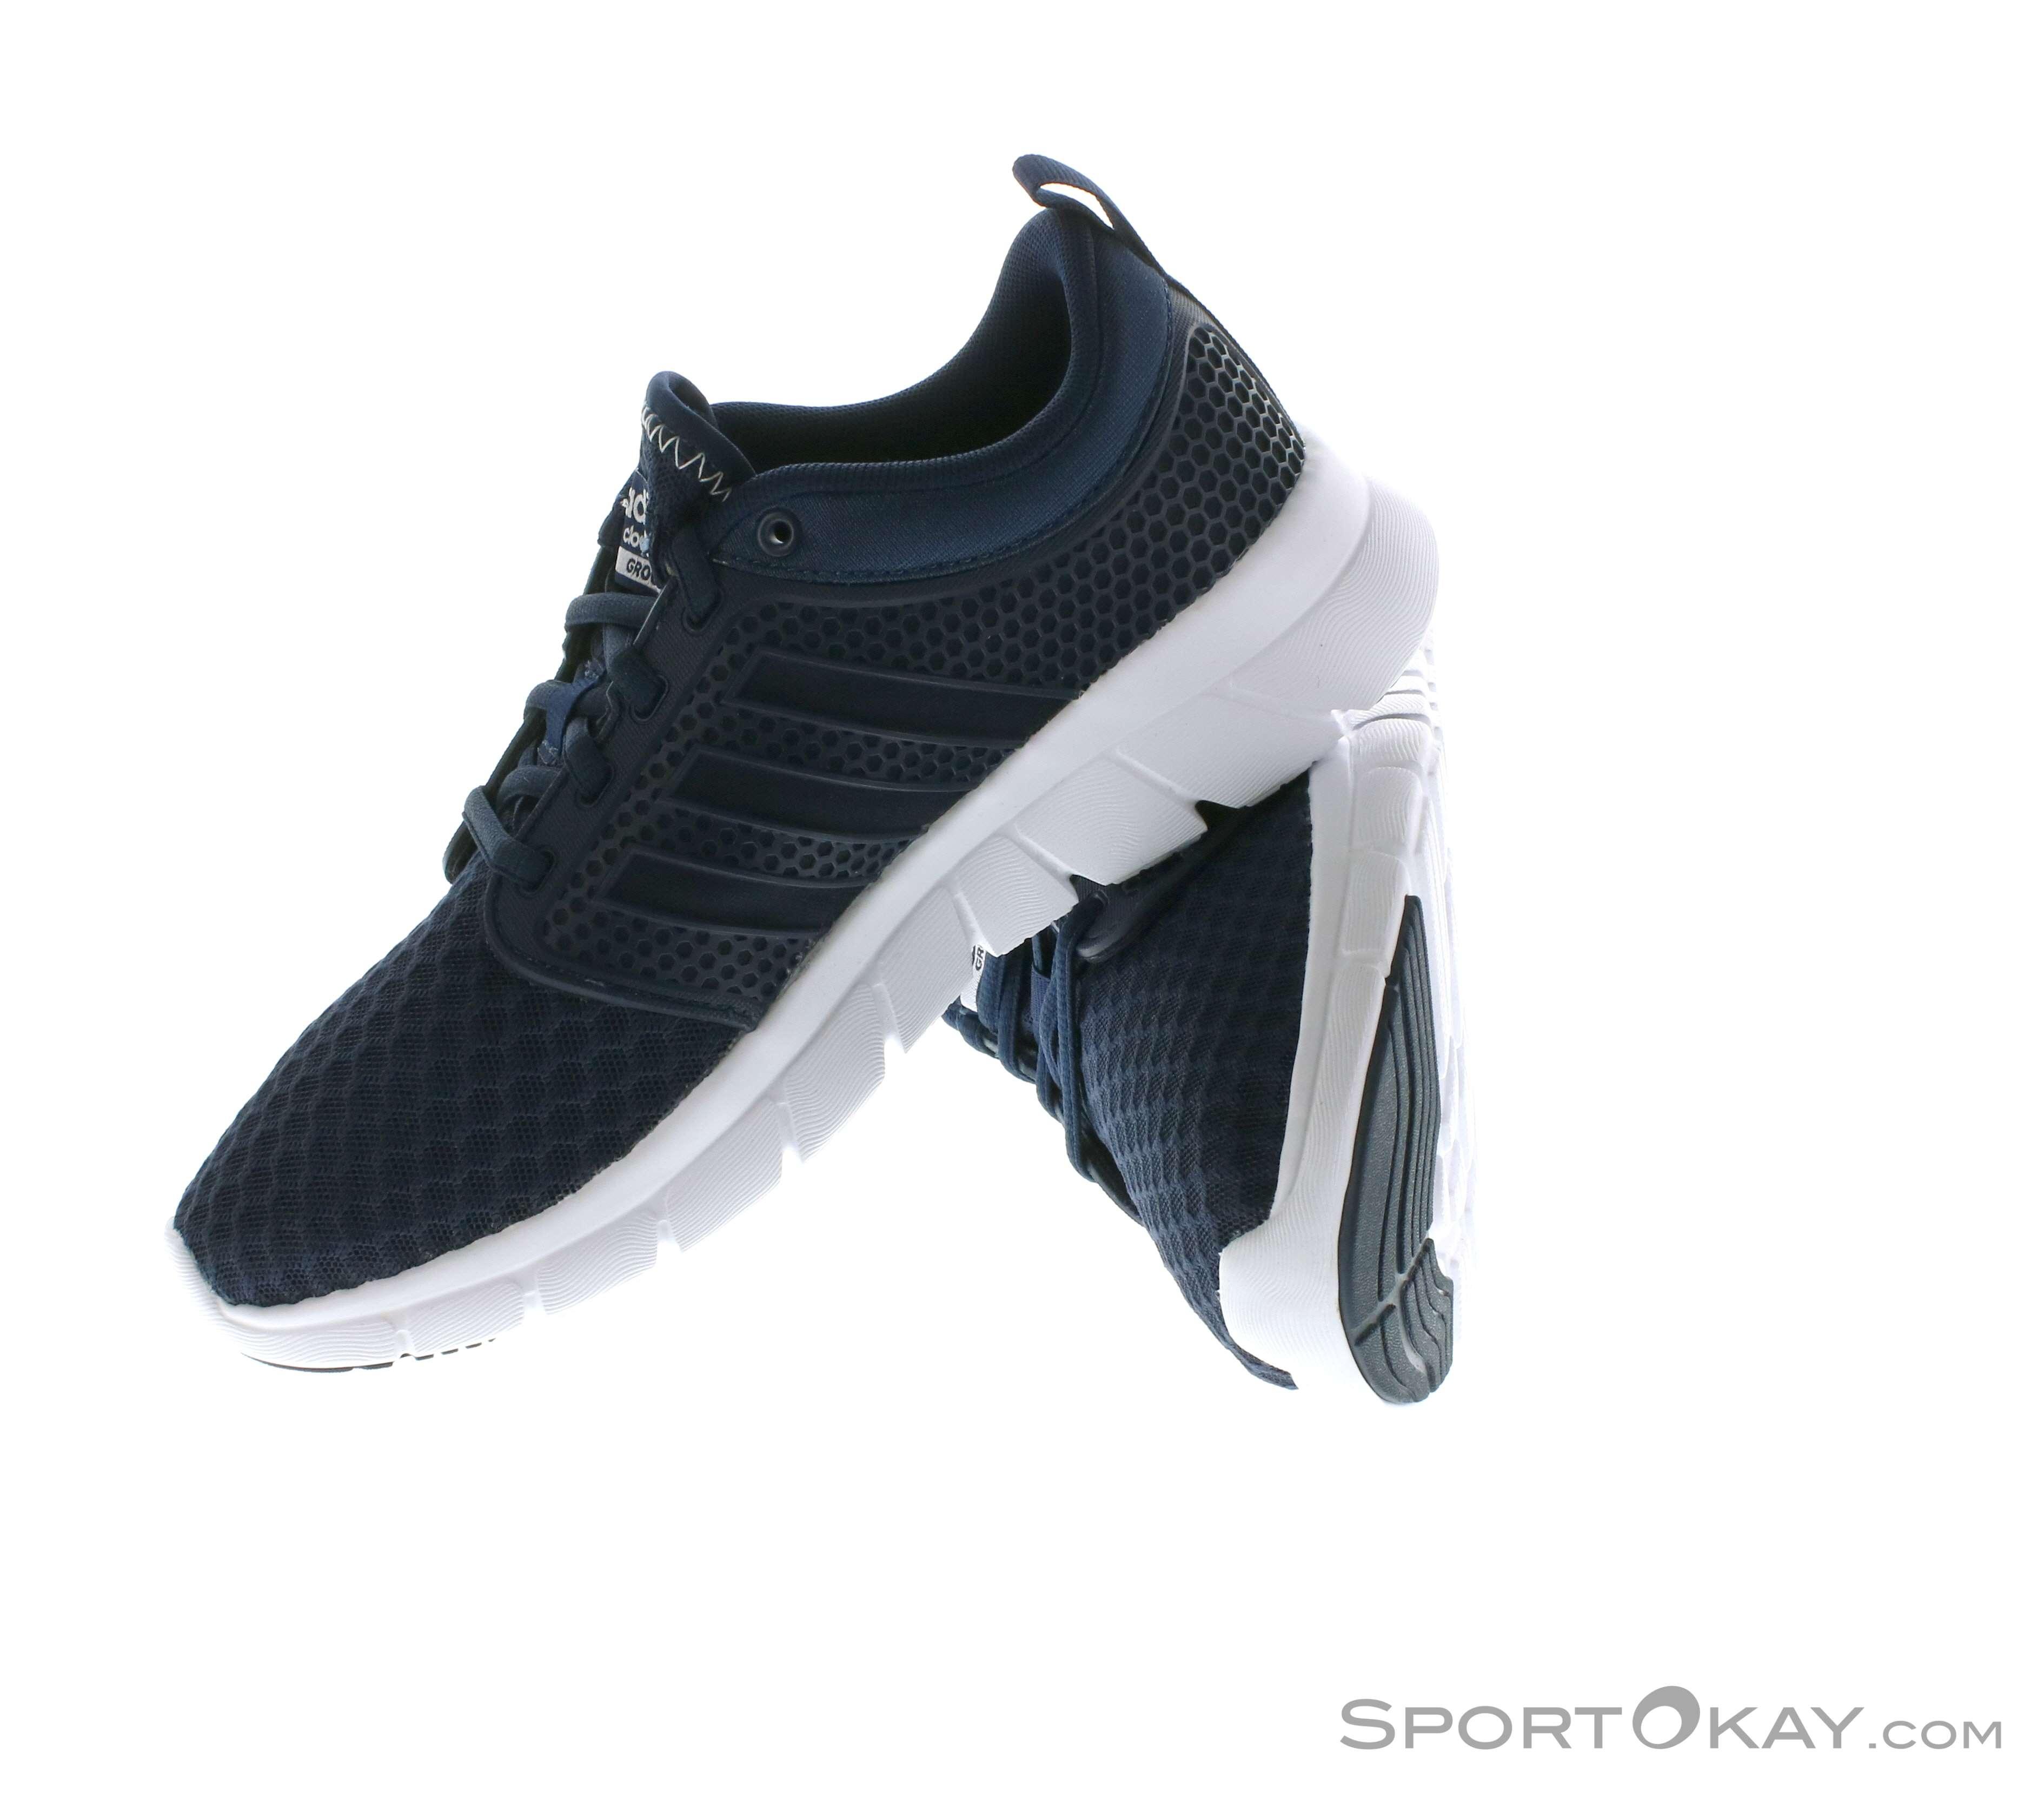 Adidas cloudfoam Groove de  mujer ocio zapatos de Groove zapatos de ocio zapatos b32f81